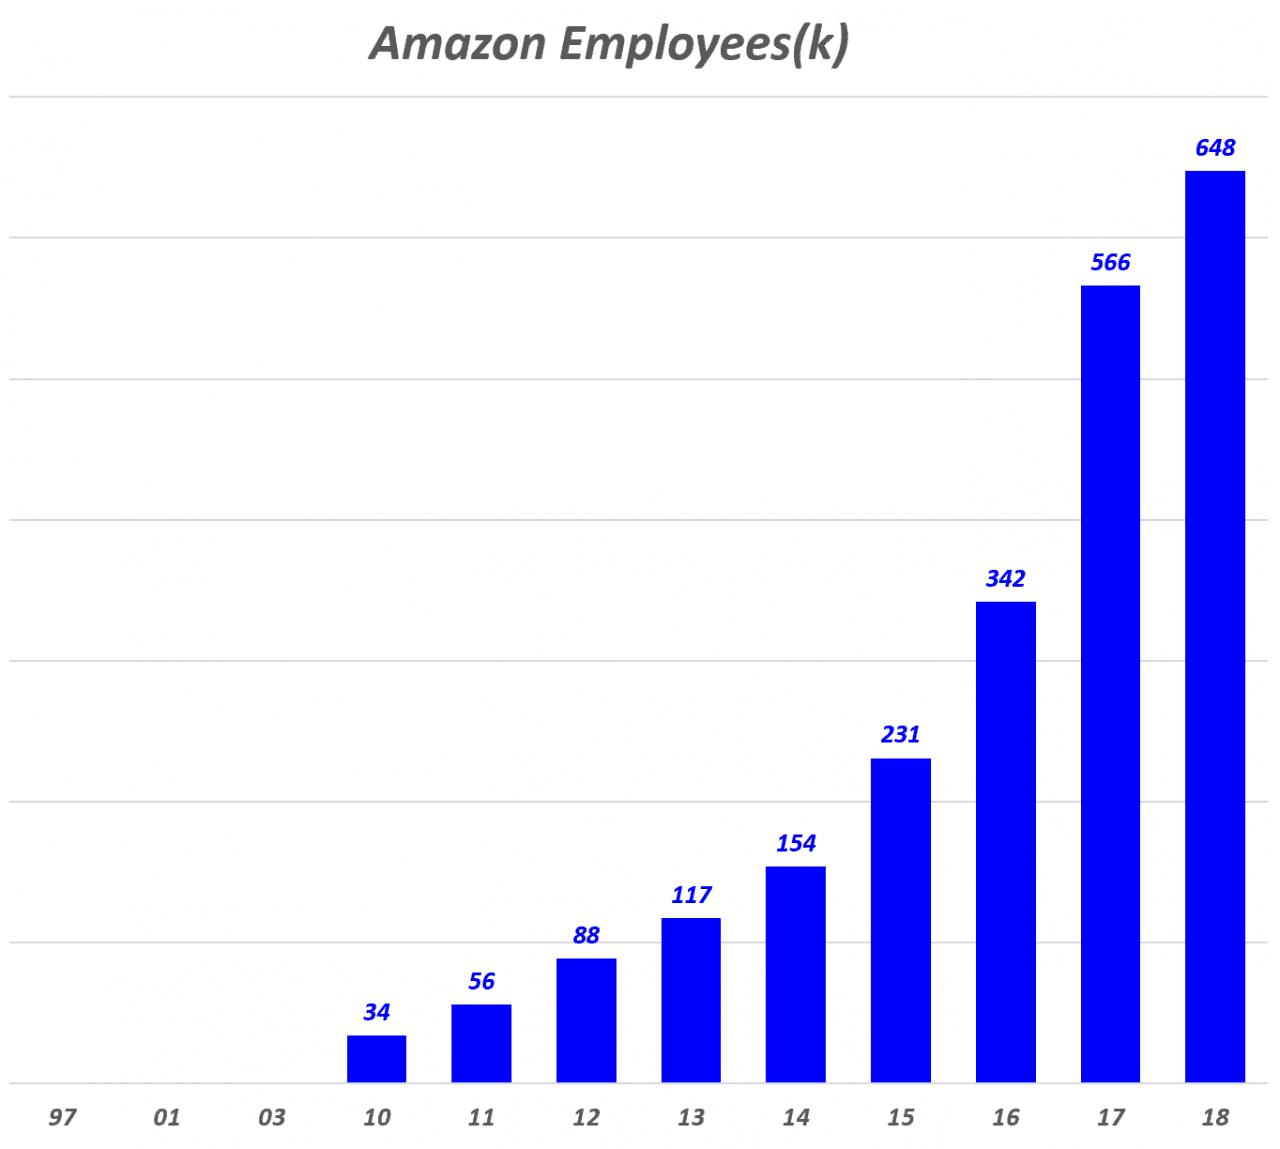 아마존 연도별 임직원 수 추이(1997년 ~ 2018년), Amzon Employees (full-time and part-time; excludes contractors & temporary personnel), Data - Amazon, Graph Happist